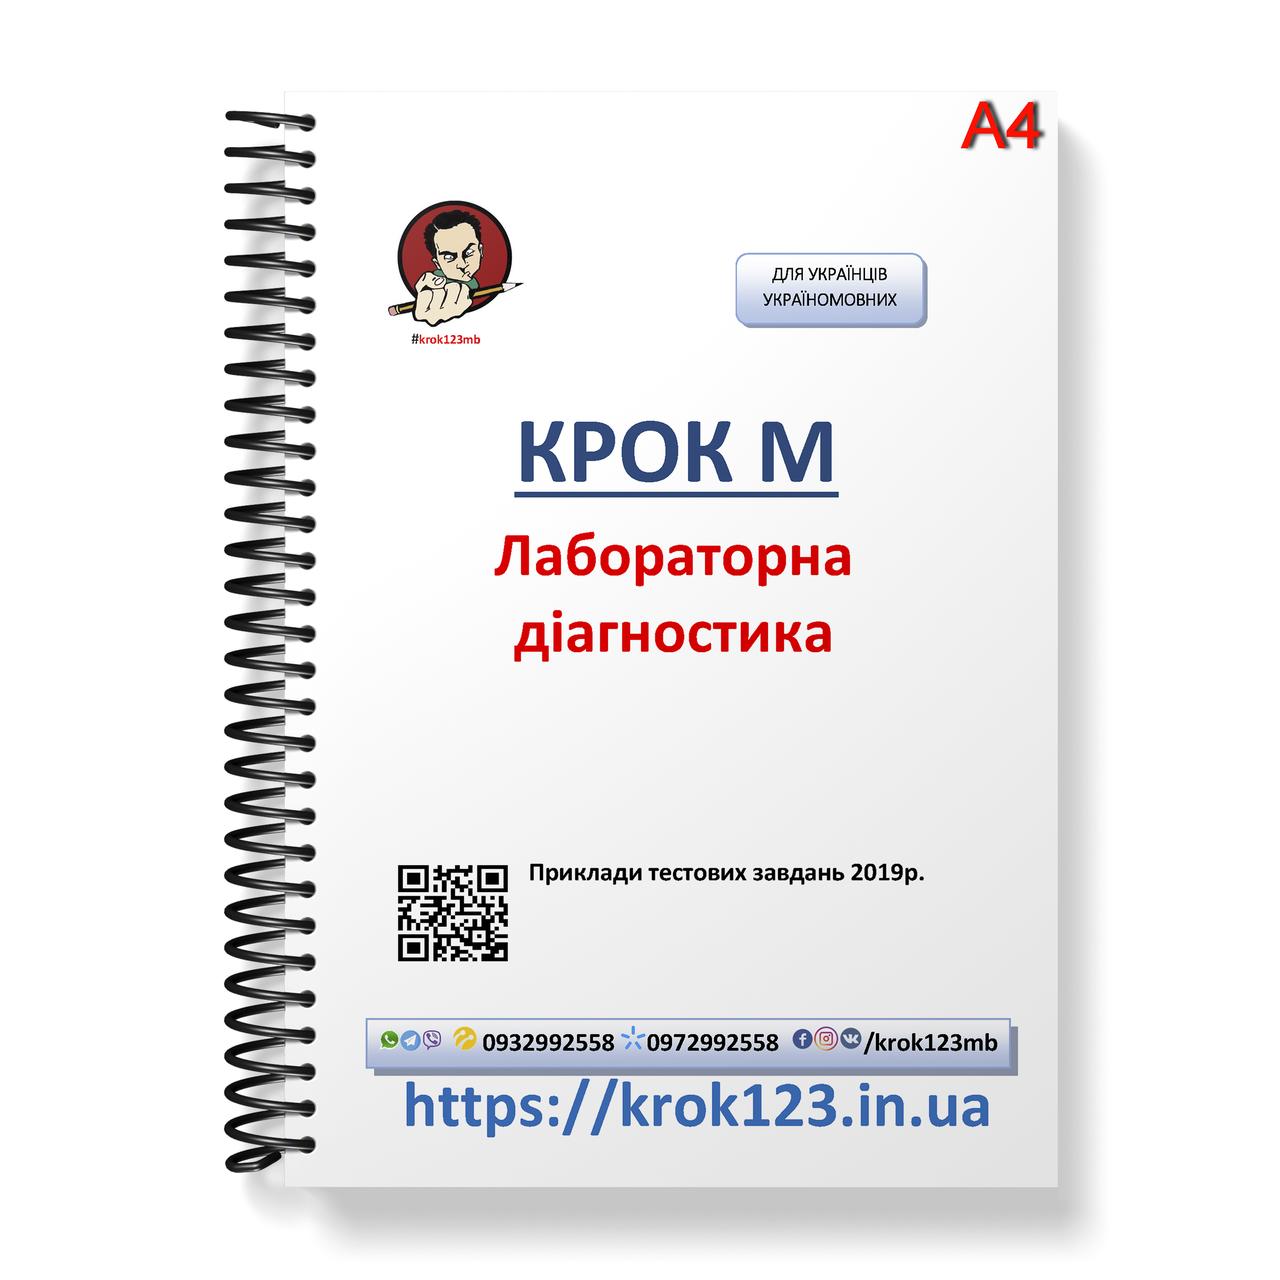 Крок М. Лабораторная диагностика. ЕГКЭ (Примеры тестовых заданий) 2019.  Для украинцев украиноязычных. Формат